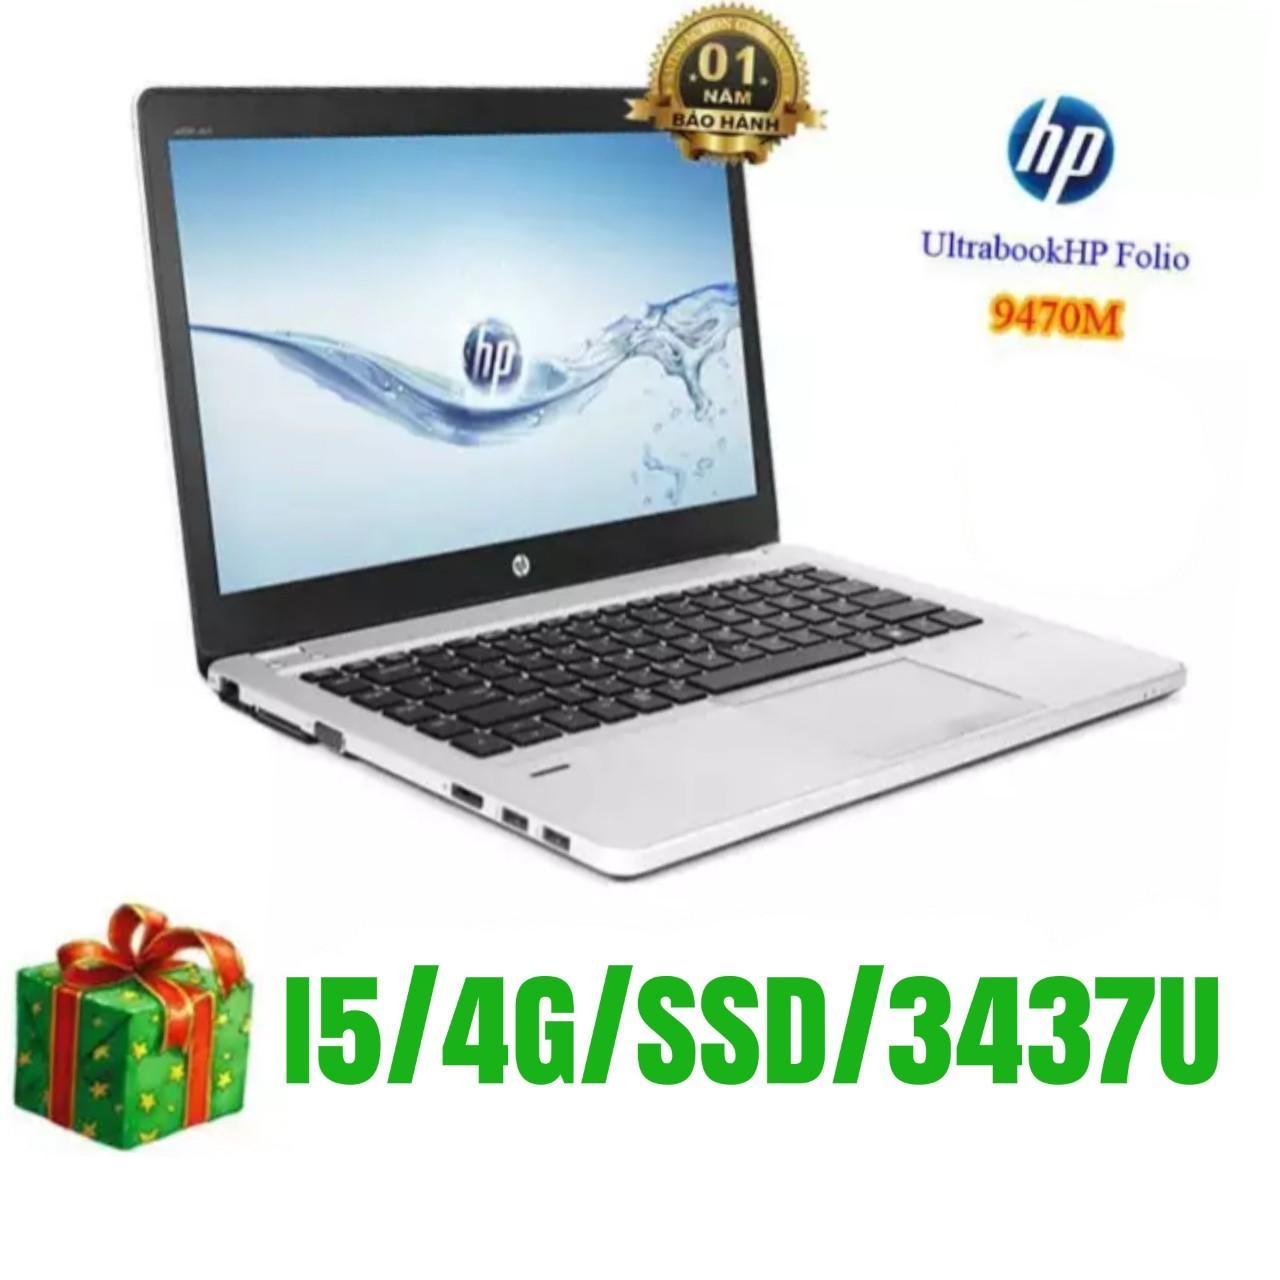 Hp 9470 TRẮNG, MỎNG, NHẸ ĐẸP, VỎ NHÔM TOÀN THÂN SIÊU BỀN, Ổ CỨNG SSD